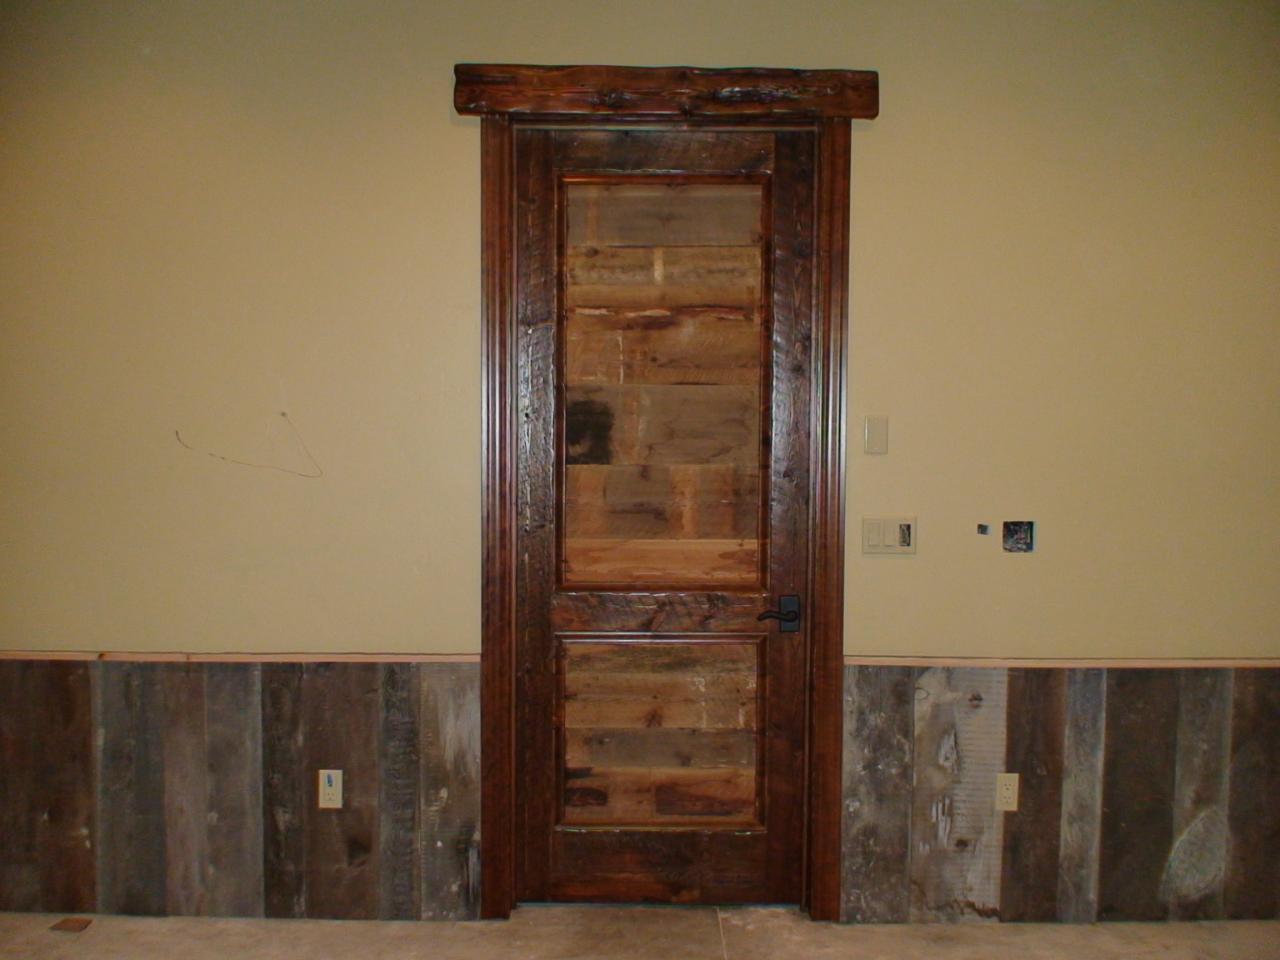 960 #66462F Bamboo Doors2 pic Simpson Doors Online 43711280